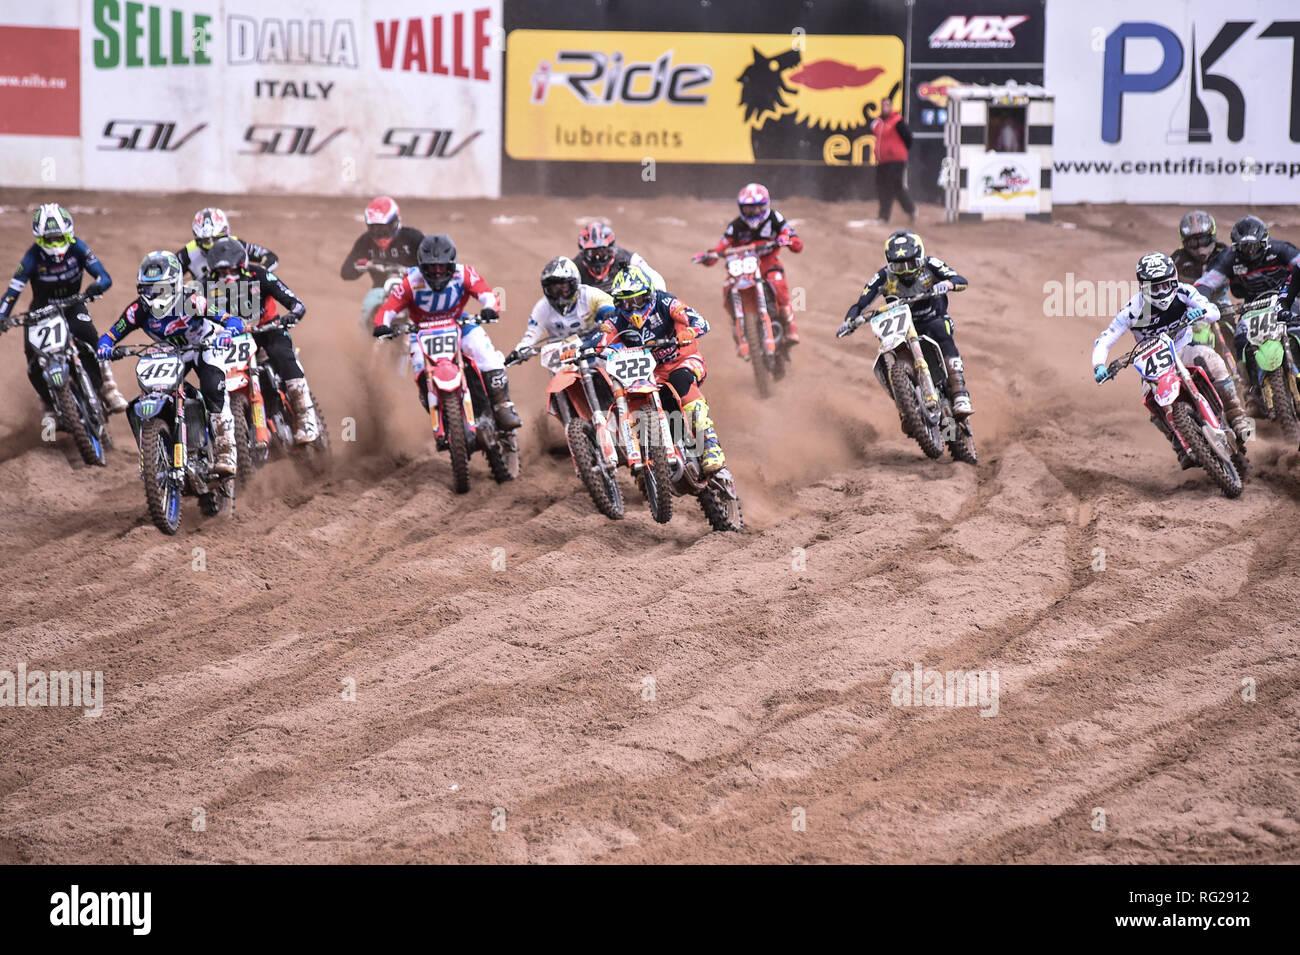 Foto LaPresse/Tocco Alessandro  20/01/2019 Cagliari(Italia)  Sport Motocross Internazionali D'Italia Motocross 2019 Crossodromo Le Dune Riola Sardo Nella foto:Partenza MX1 Supercampione - Stock Image